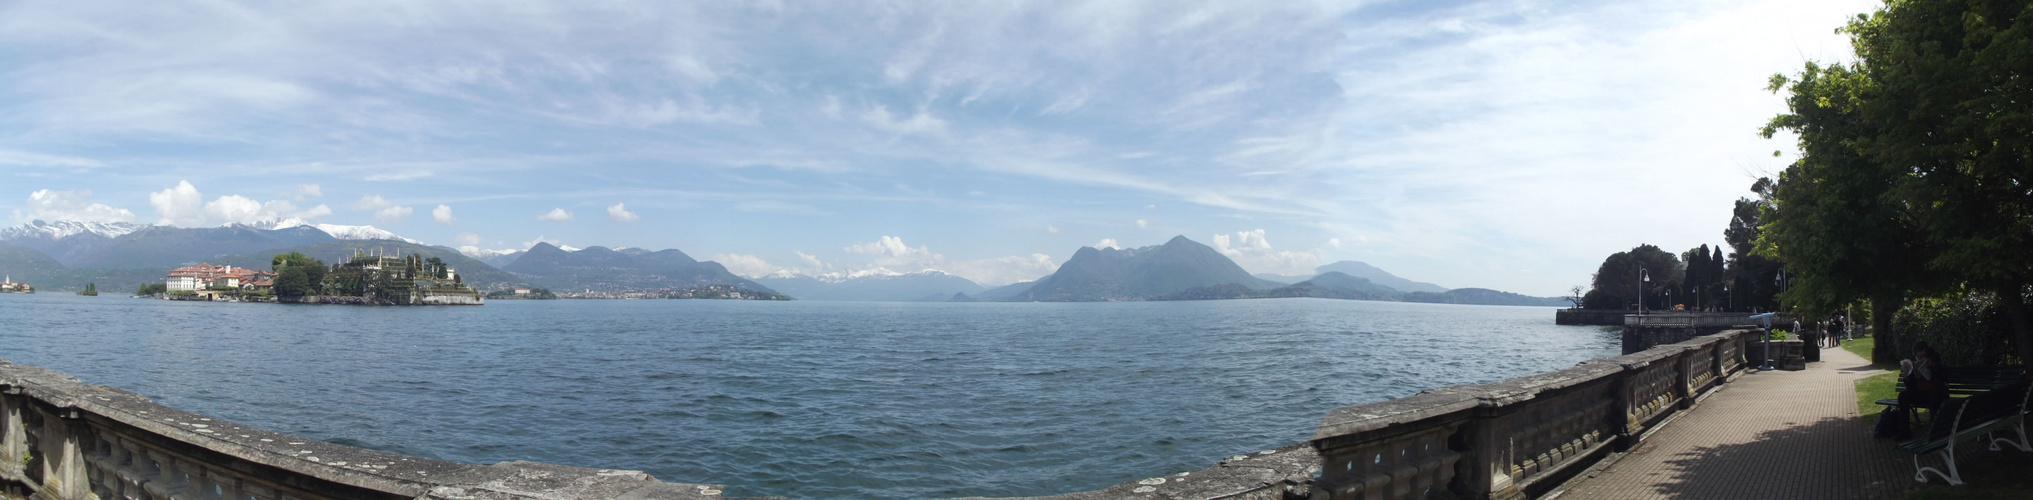 Küstenabschnitt lago maggiore